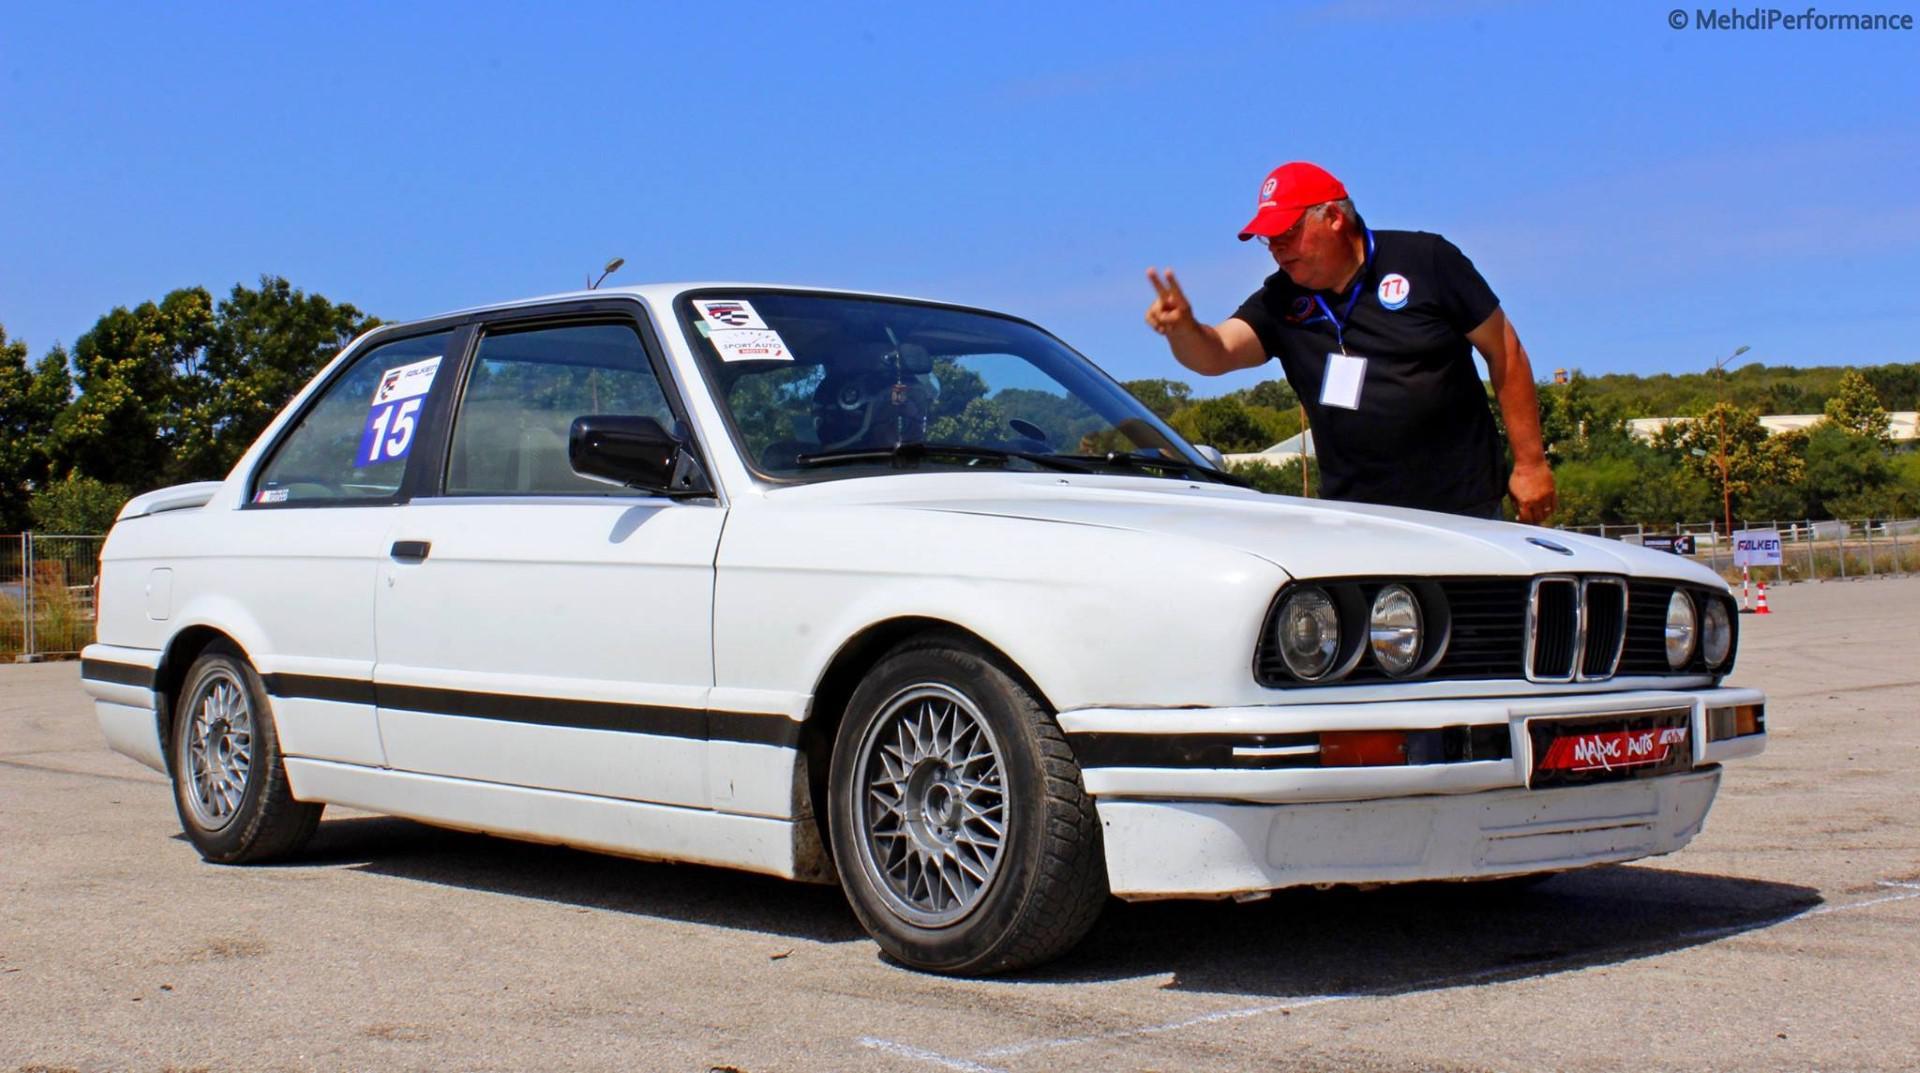 preparer-une-voiture-pour-la-course-au-maroc-1255-34.jpg